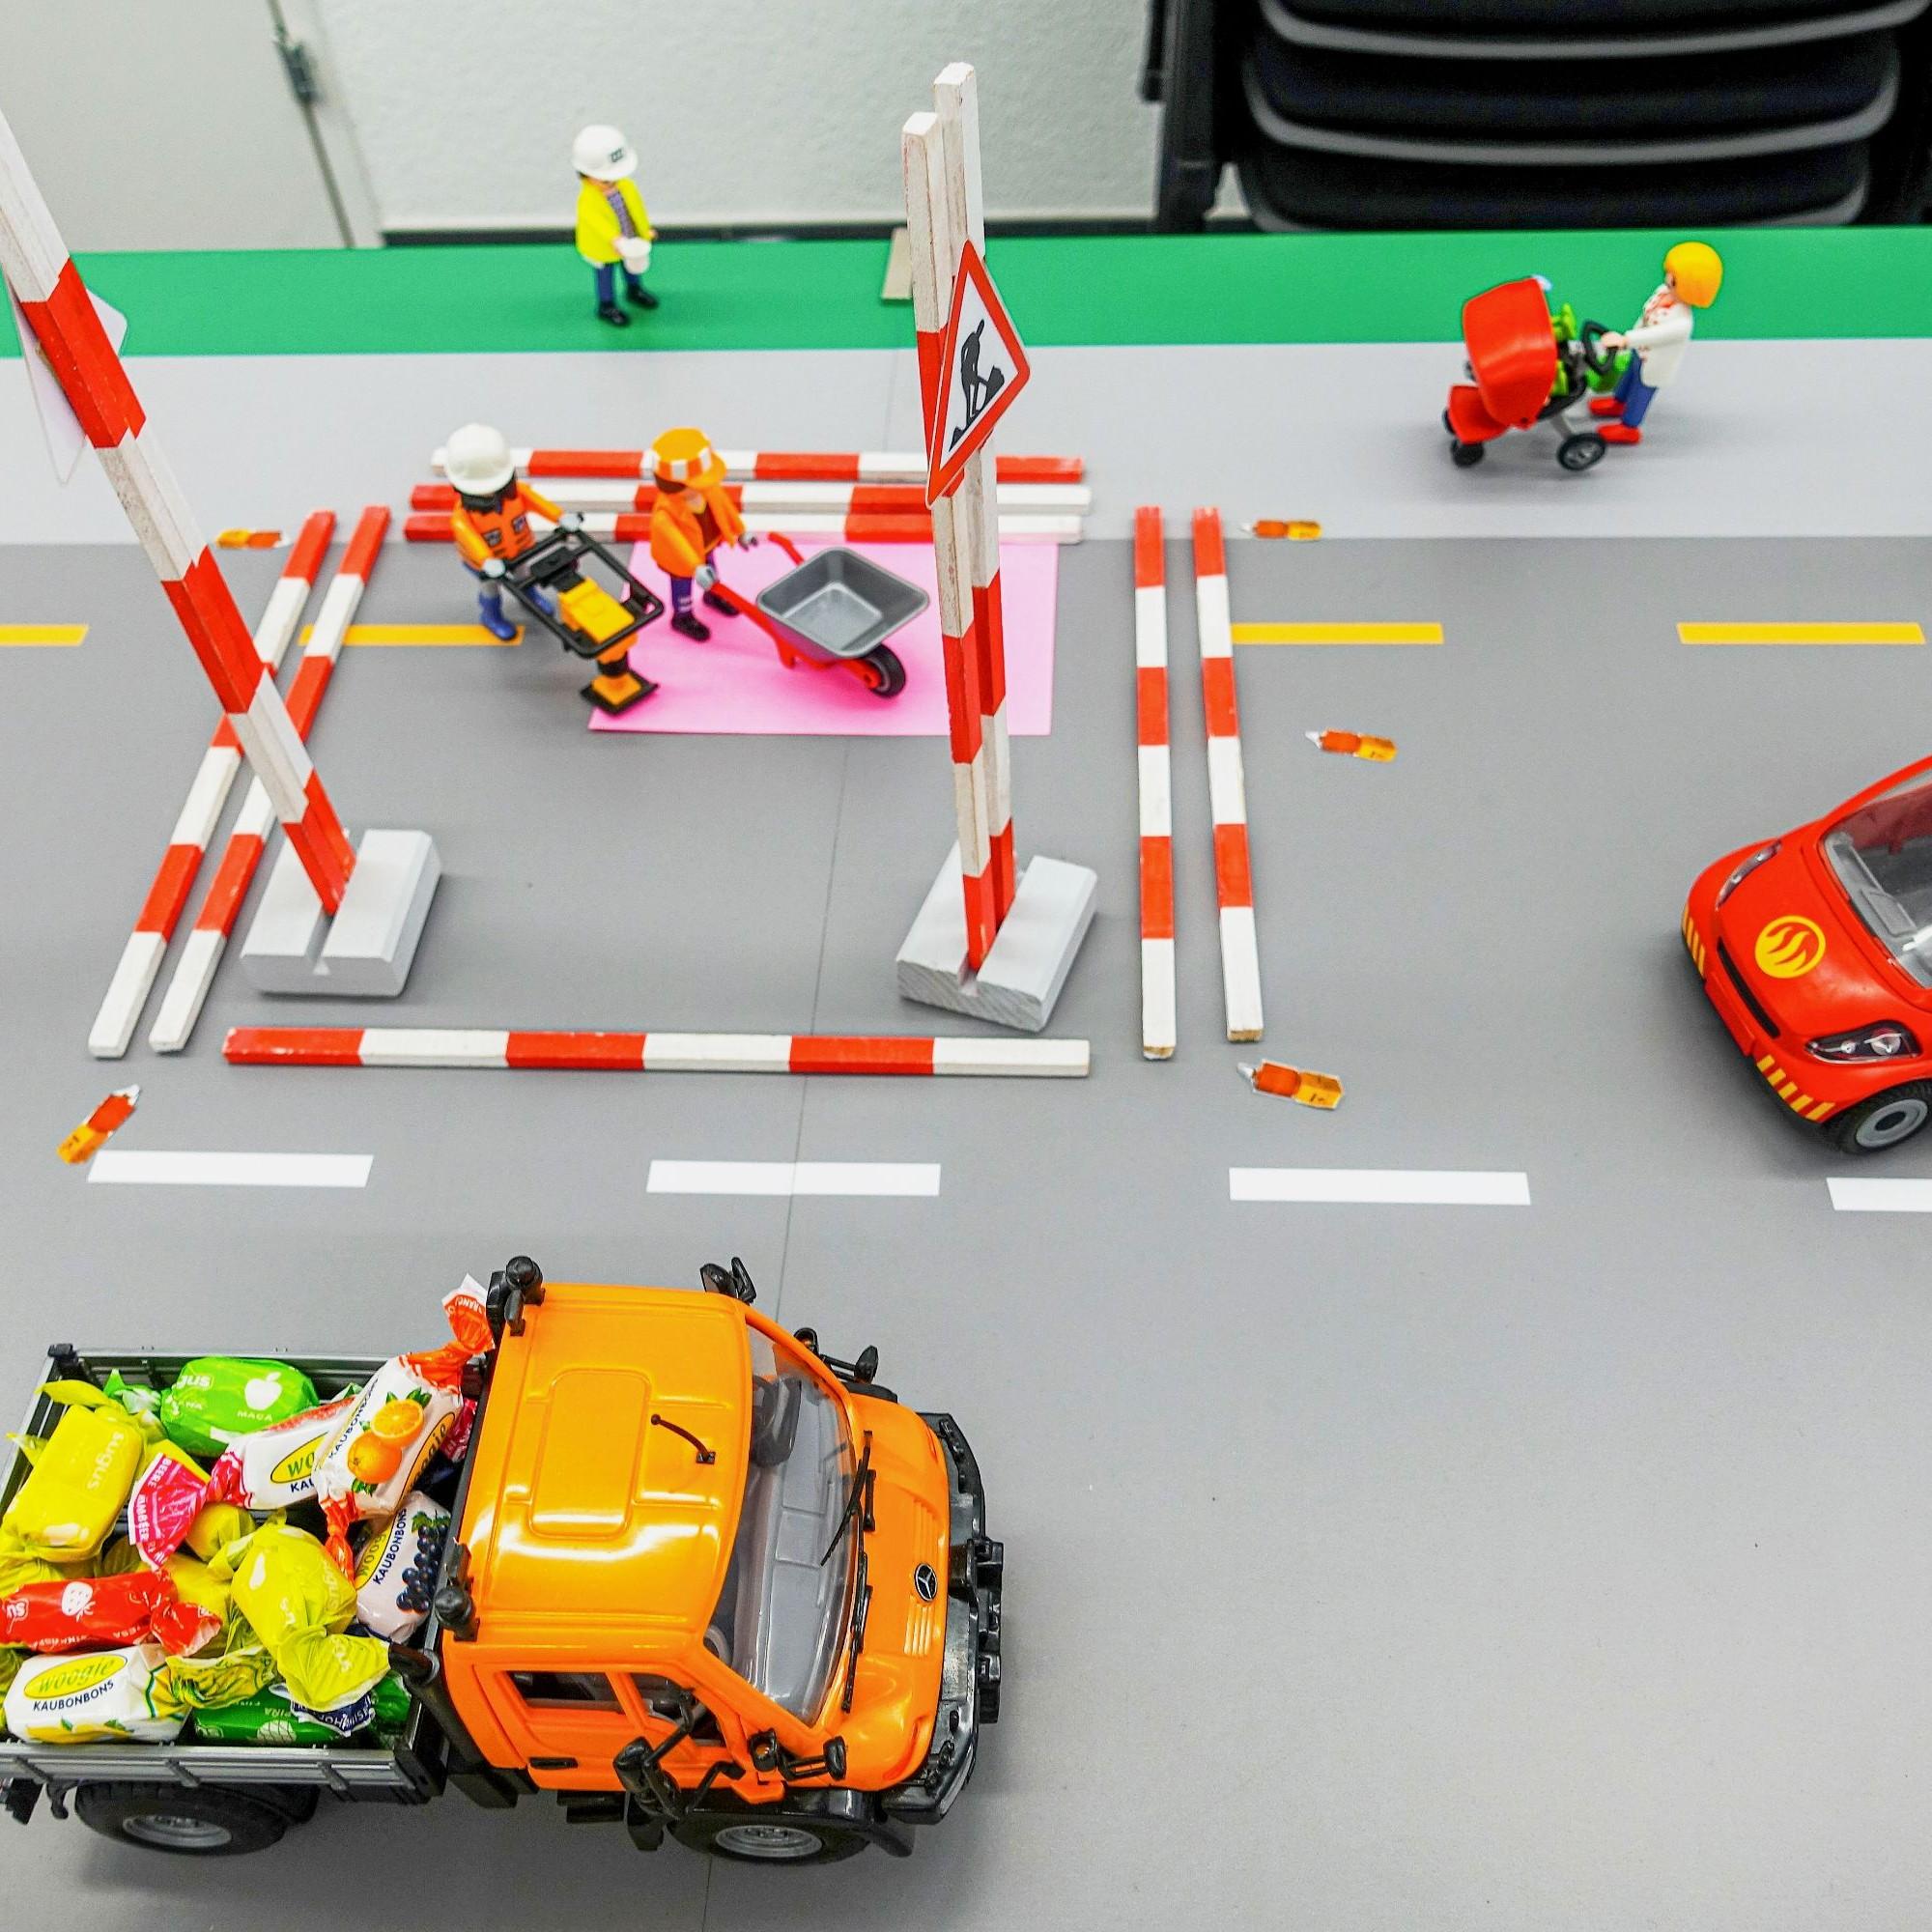 Üben mit Playmobil: Eine Normalbaustelle muss zu Beginn und Ende mit Baustellentafeln gekennzeichnet sowie mit Absperrlatten gesichert sein.